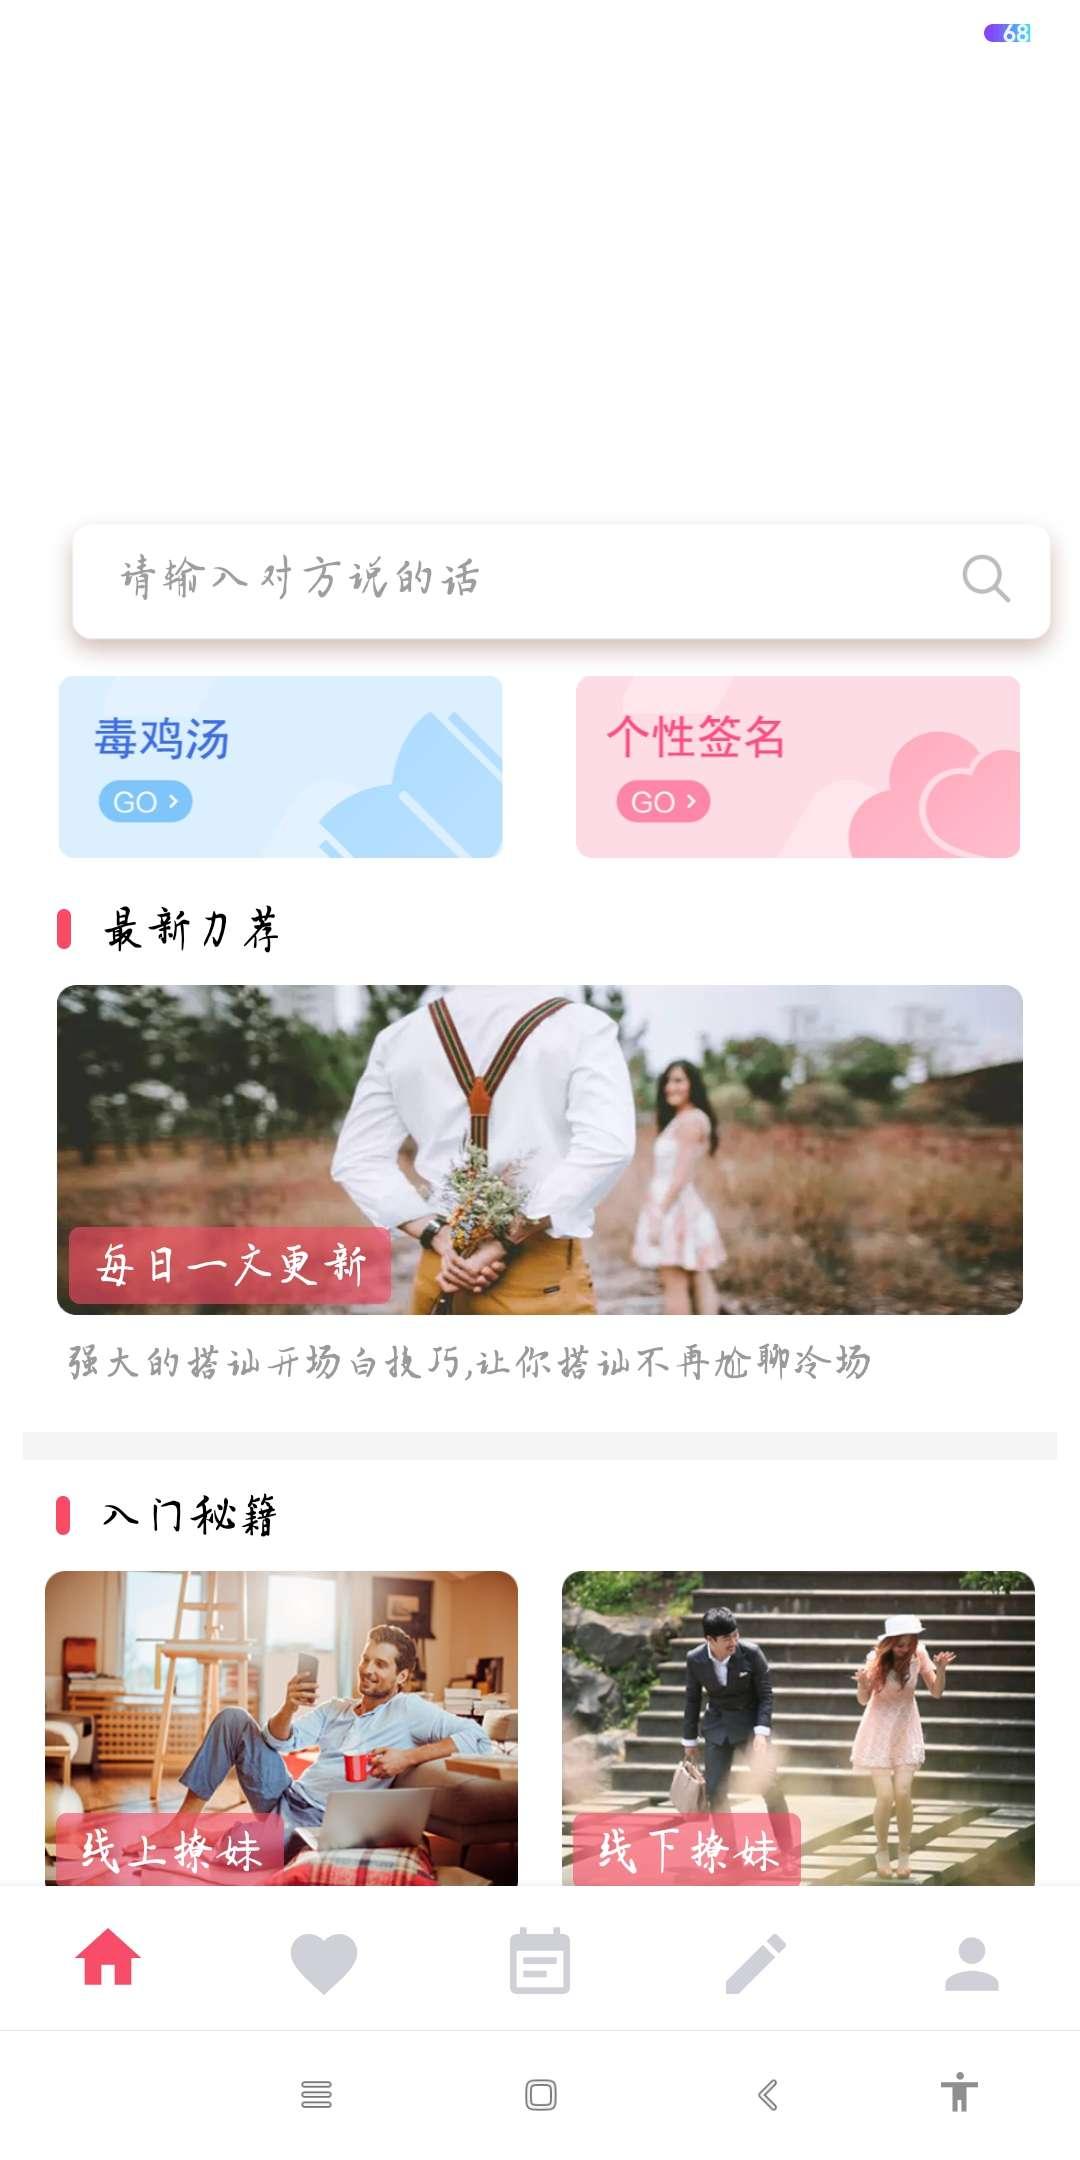 恋爱话术大师v3.9.0破解会员版